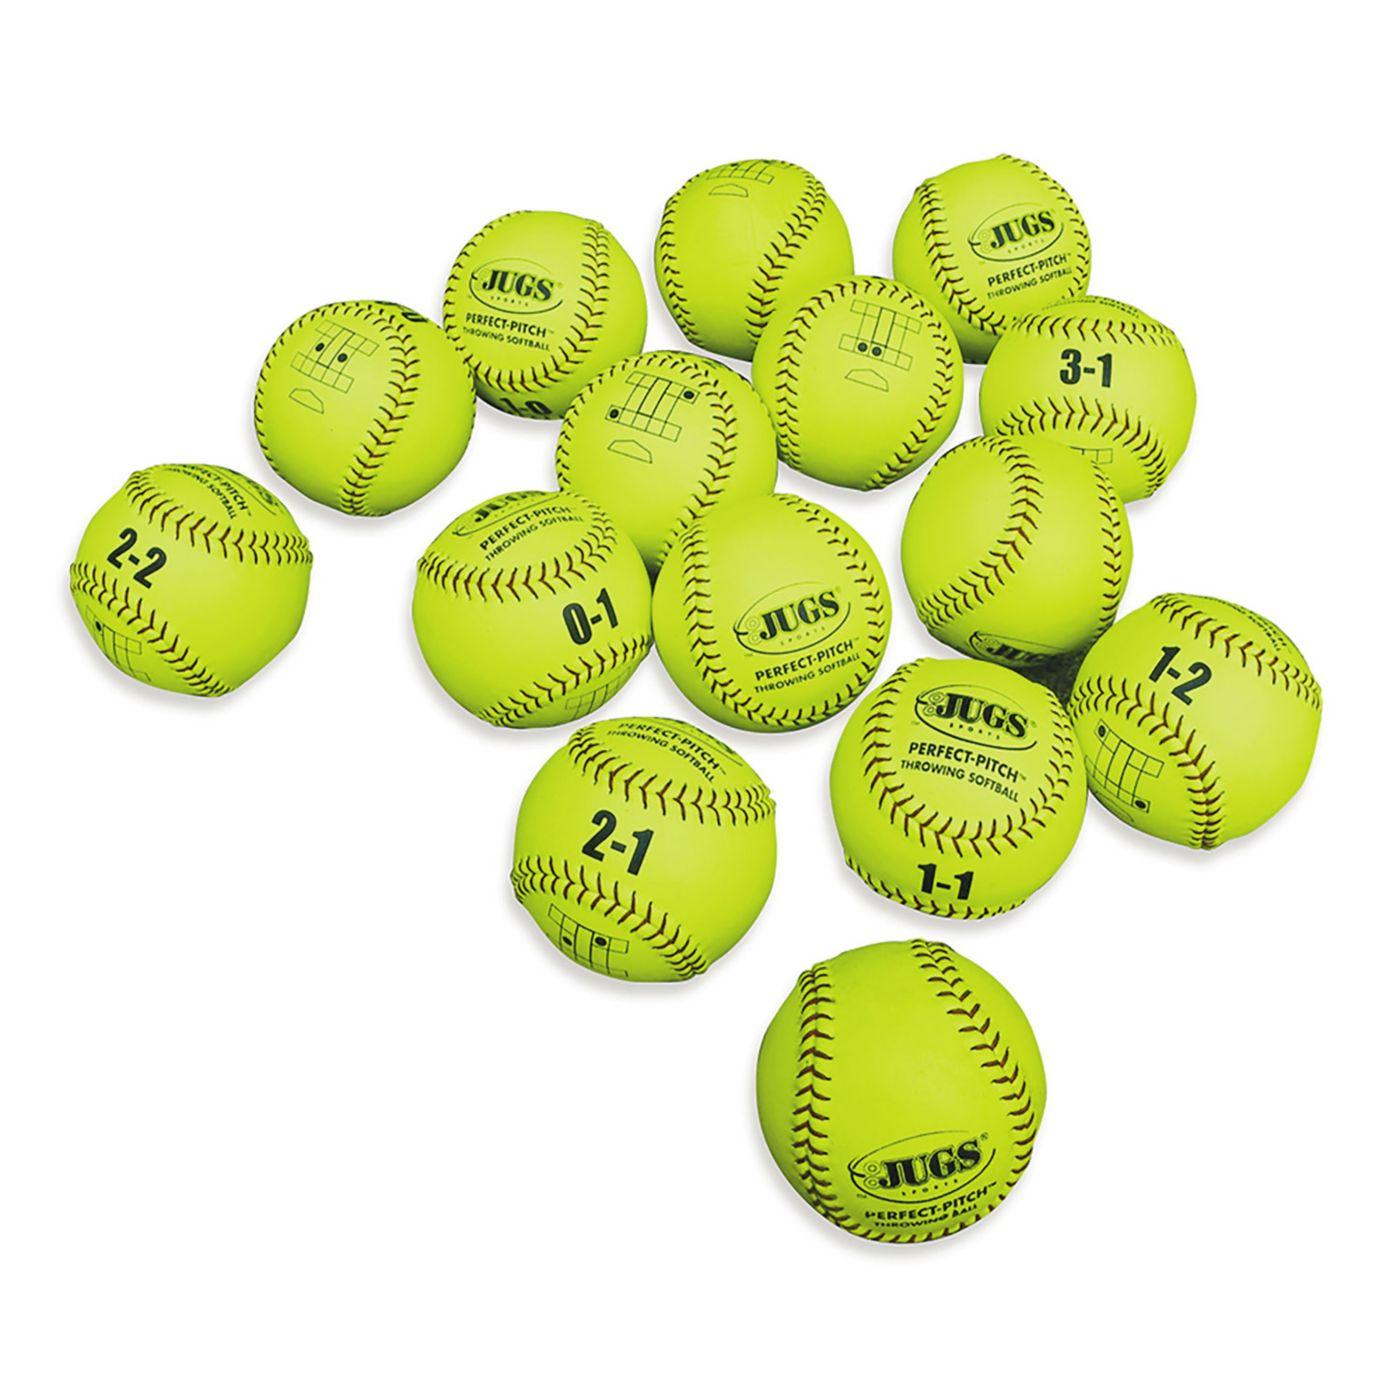 Jugs Bullpen Softballs – 15 Pack